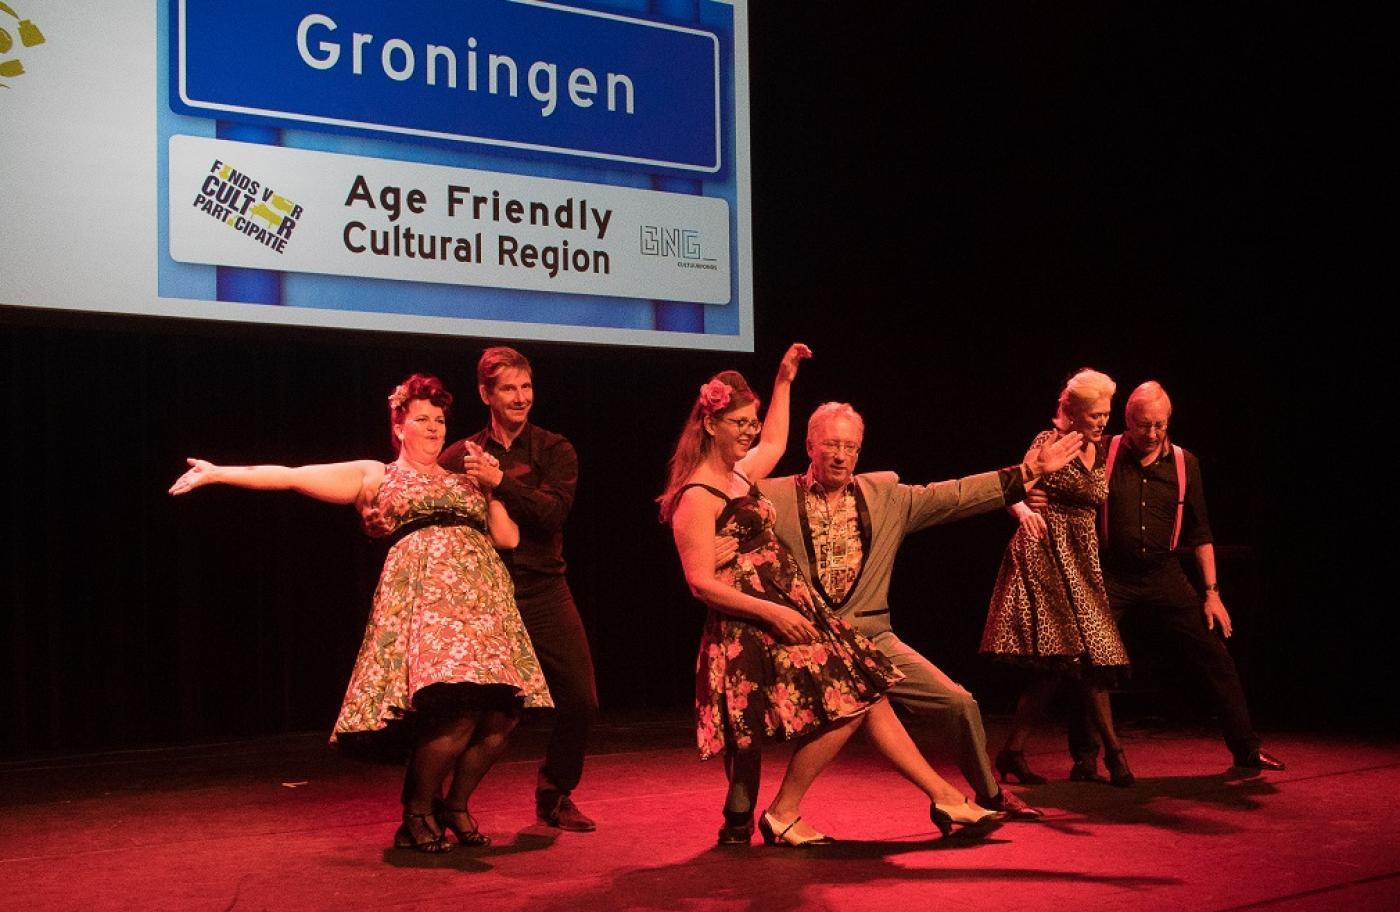 Ouderen uit Age Friendly Cultural Groningen dansen